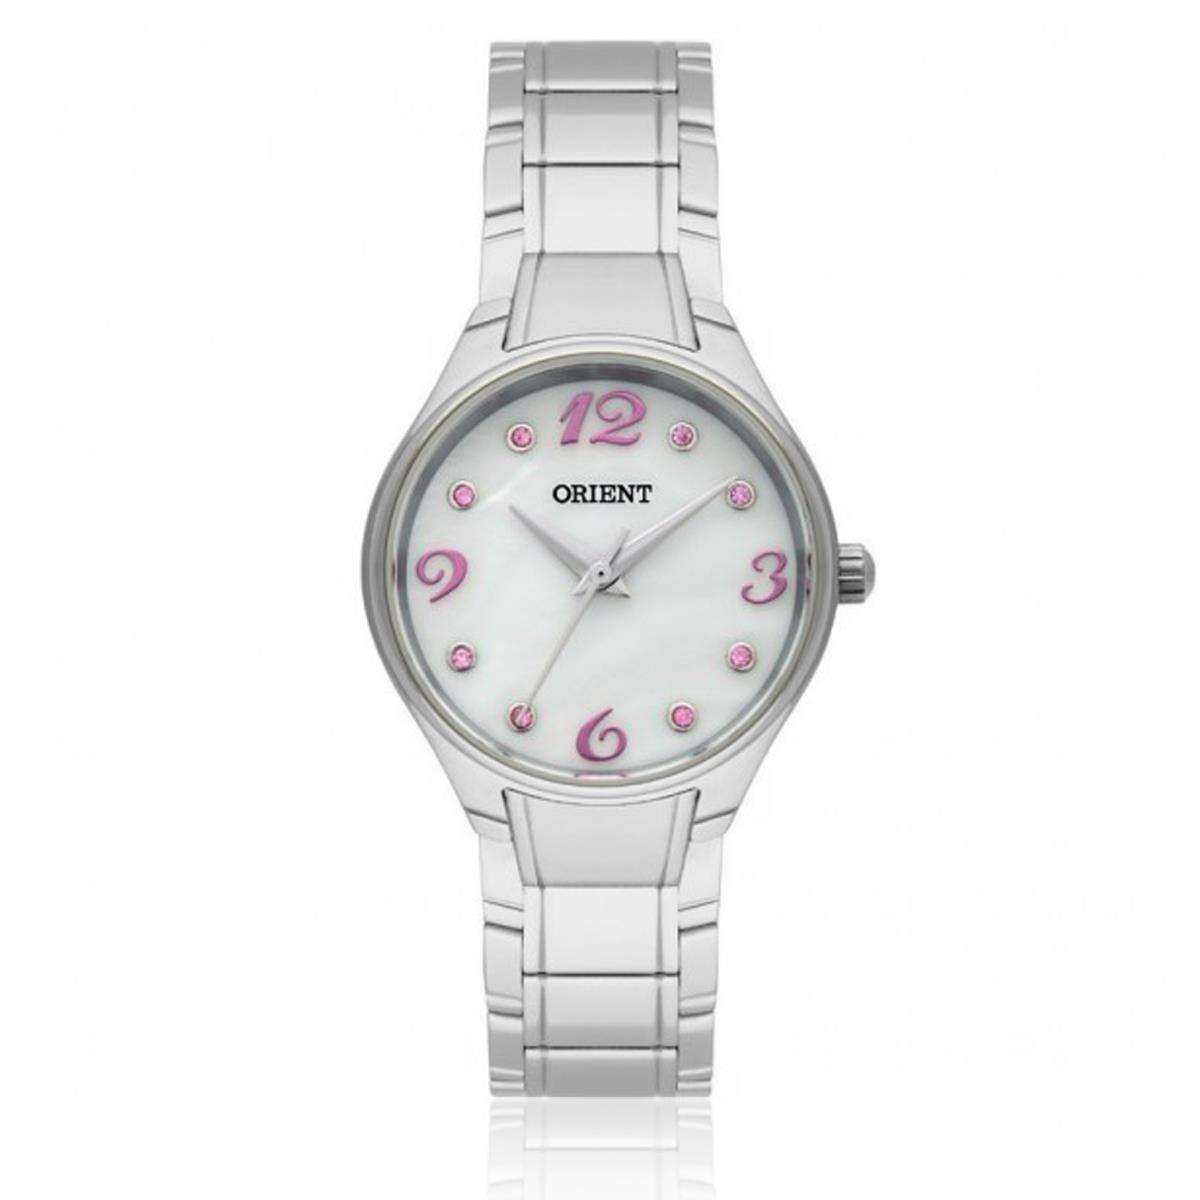 87e816caa Relógio Feminino Orient Fbss0052 Brsx Cristais Rosas - R$ 260,00 em ...